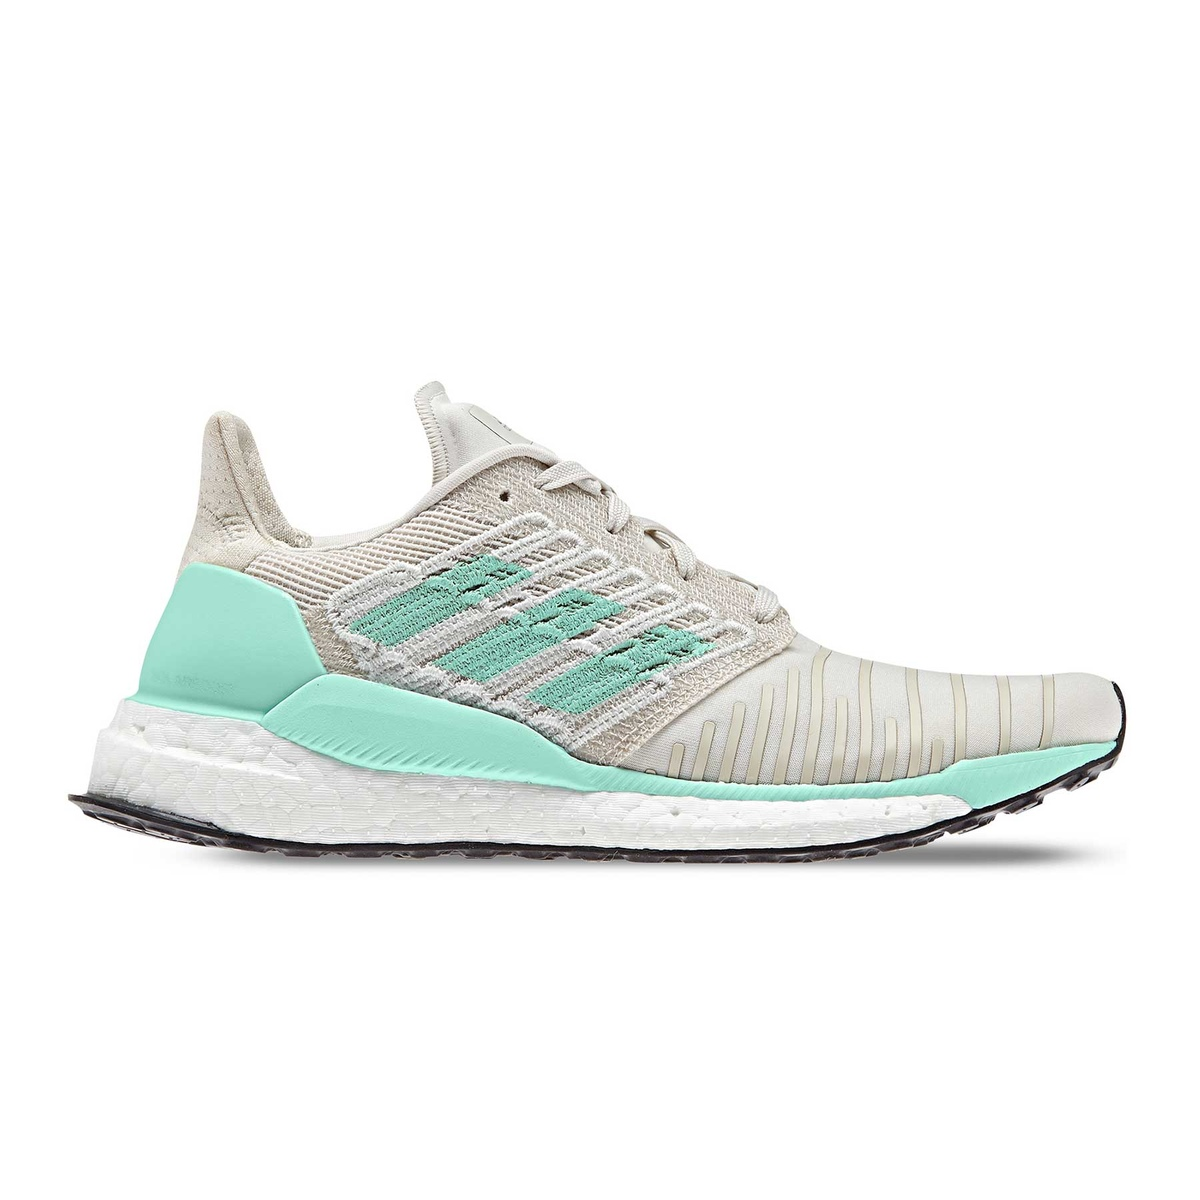 Solarboost adidas, scarpe running per rosso maxi sport rosa